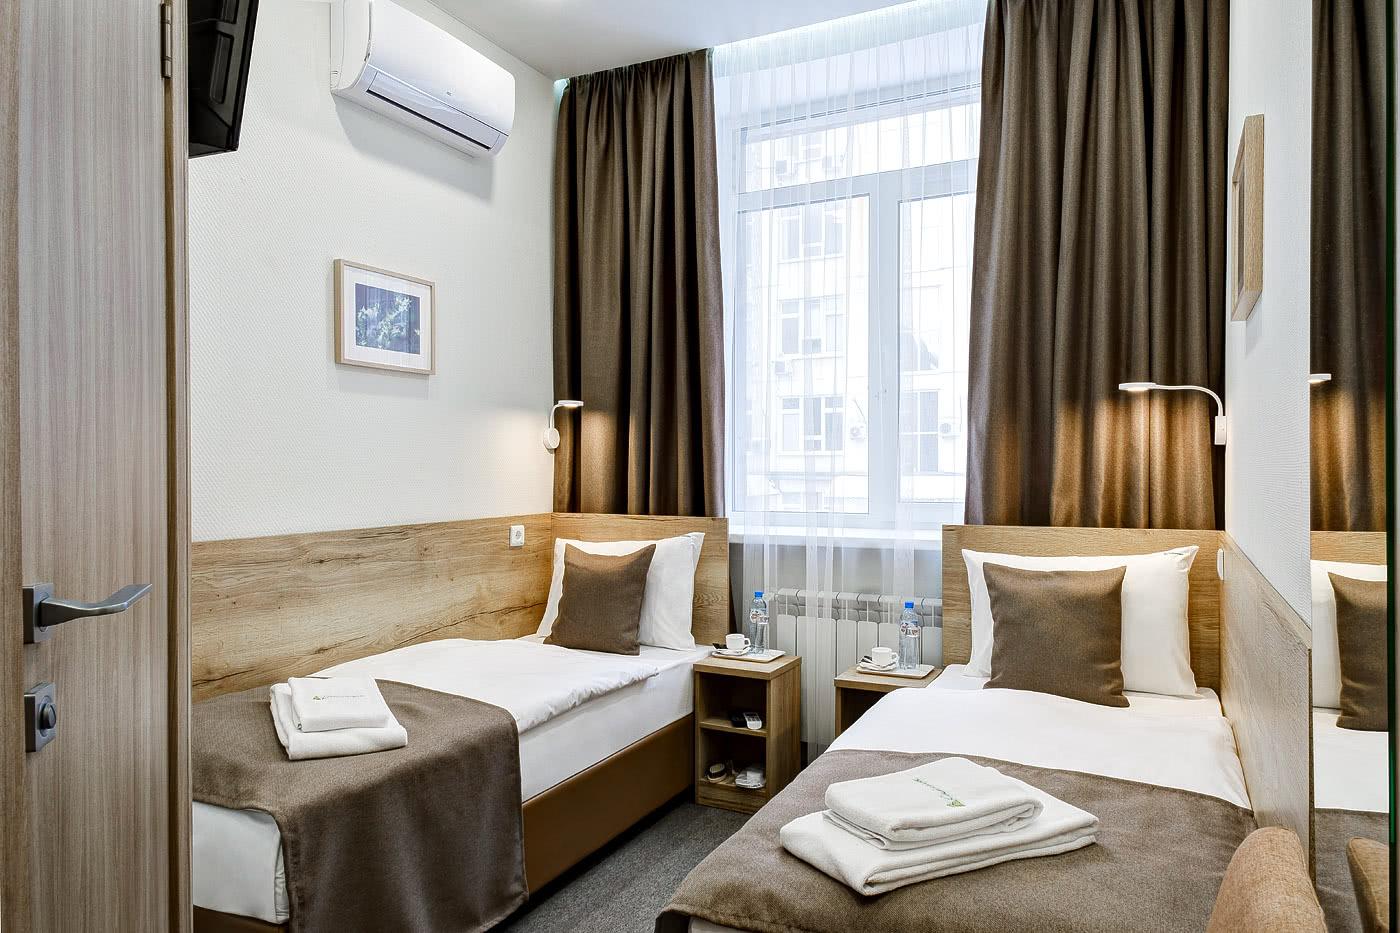 снять отель в Москве недорого